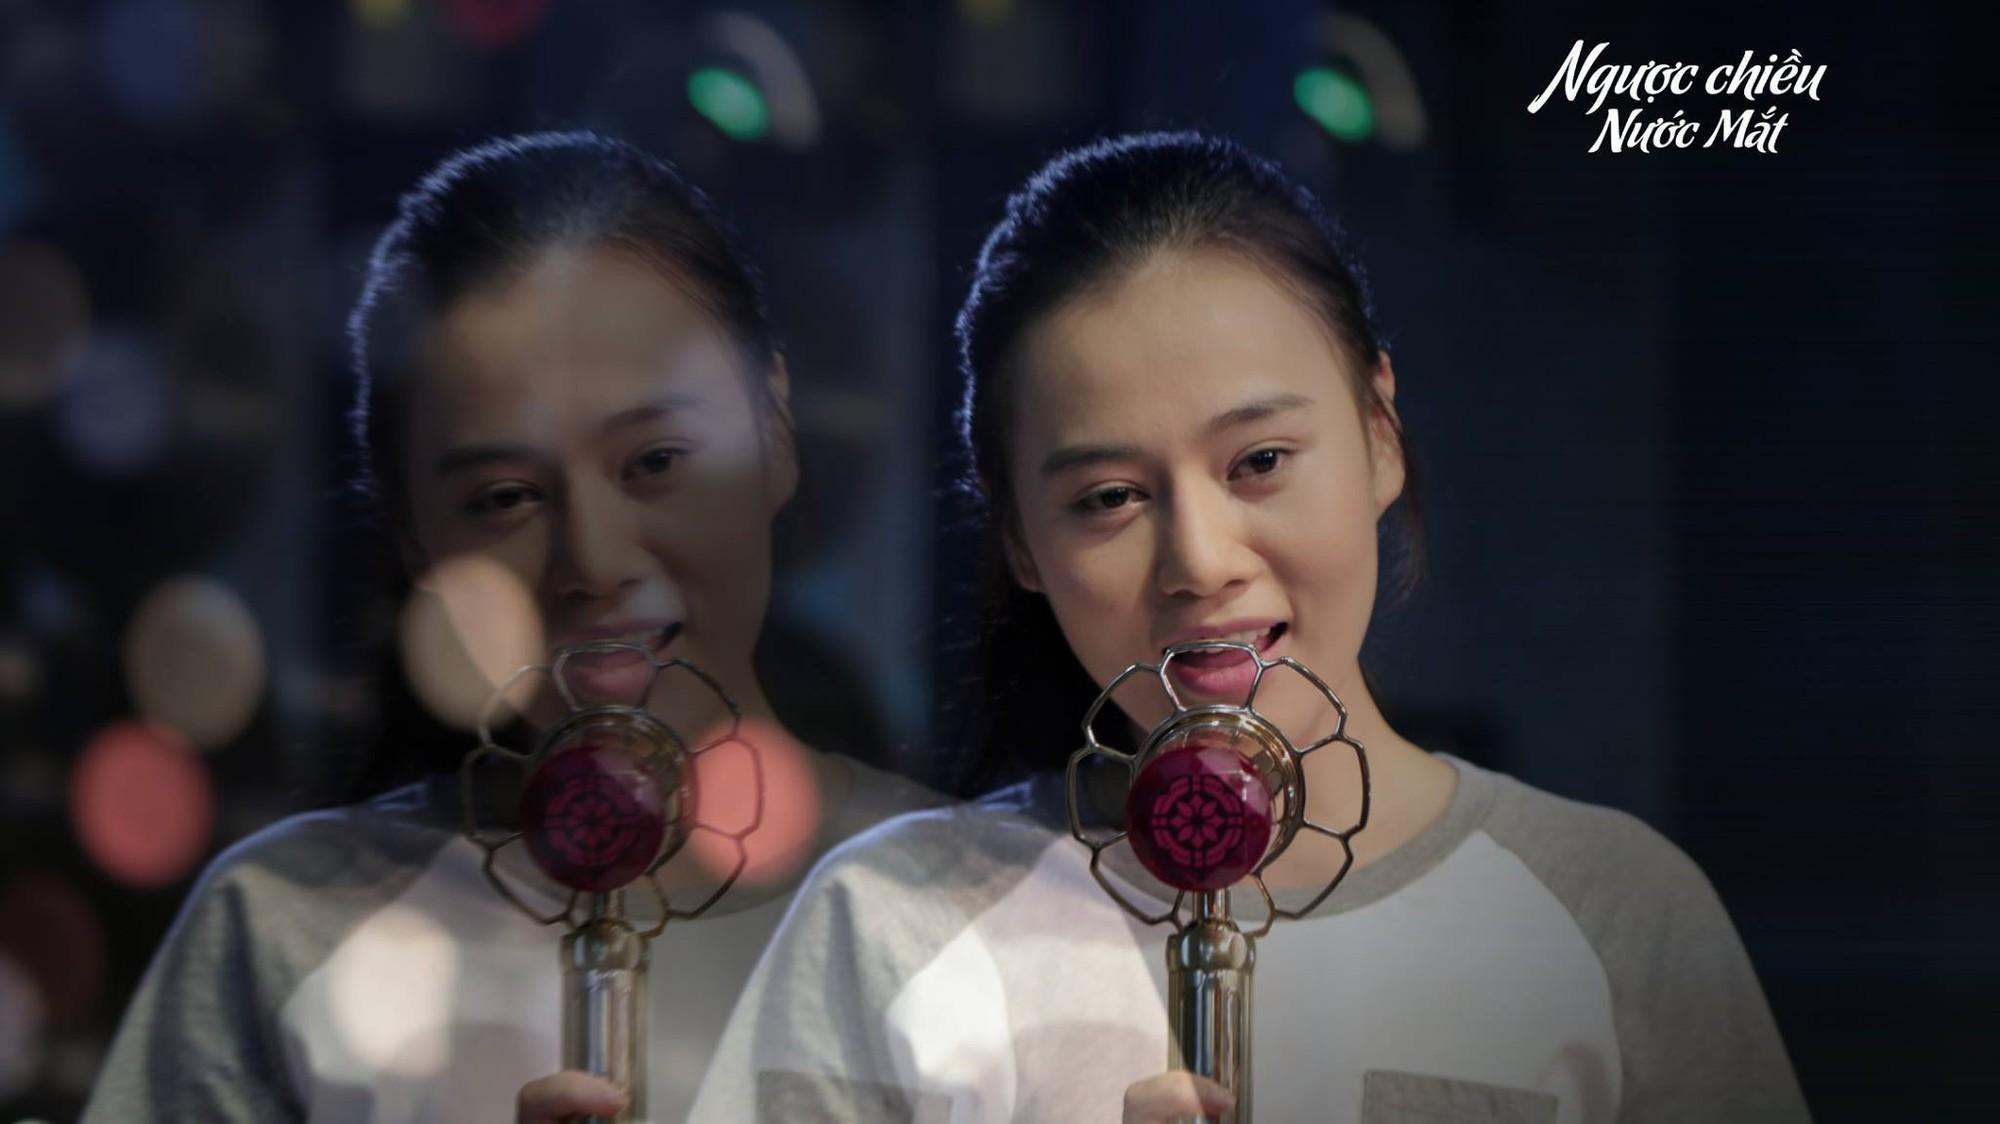 Những nàng dâu trên phim truyền hình Việt - Người ngoan hiền, cam chịu, kẻ đành hanh, tai quái - Ảnh 4.